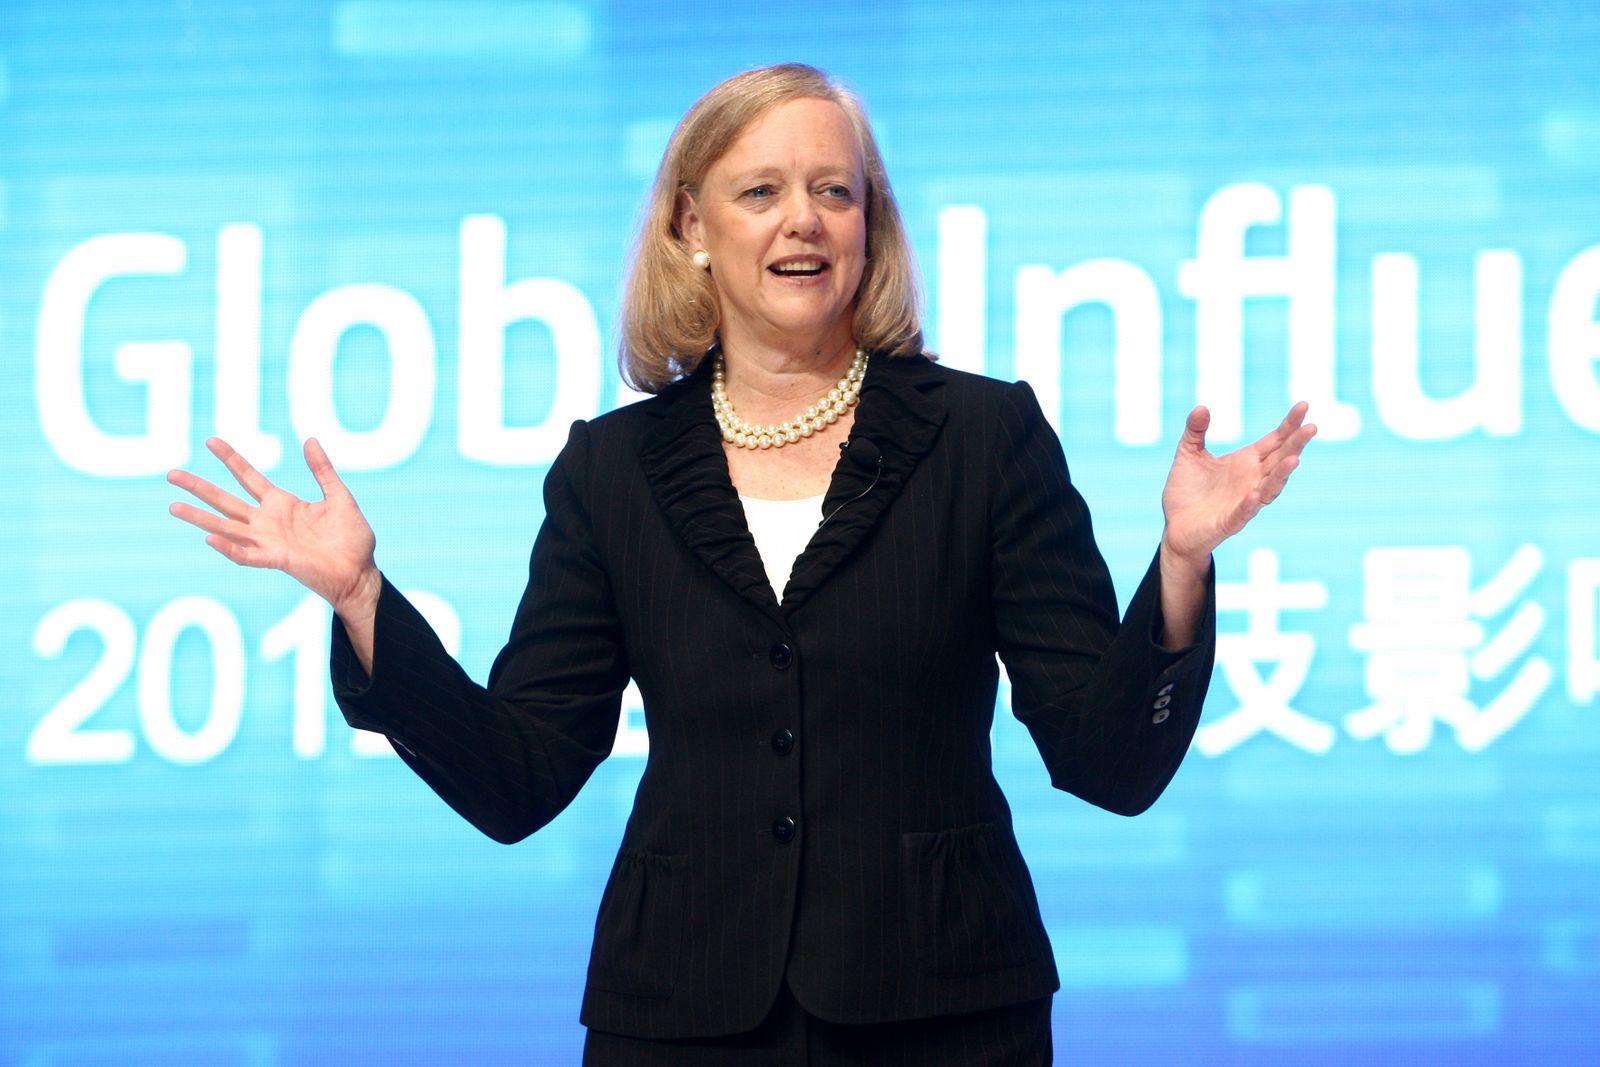 NICHT MEHR VERWENDEN! - Meg Whitman / HP President und CEO